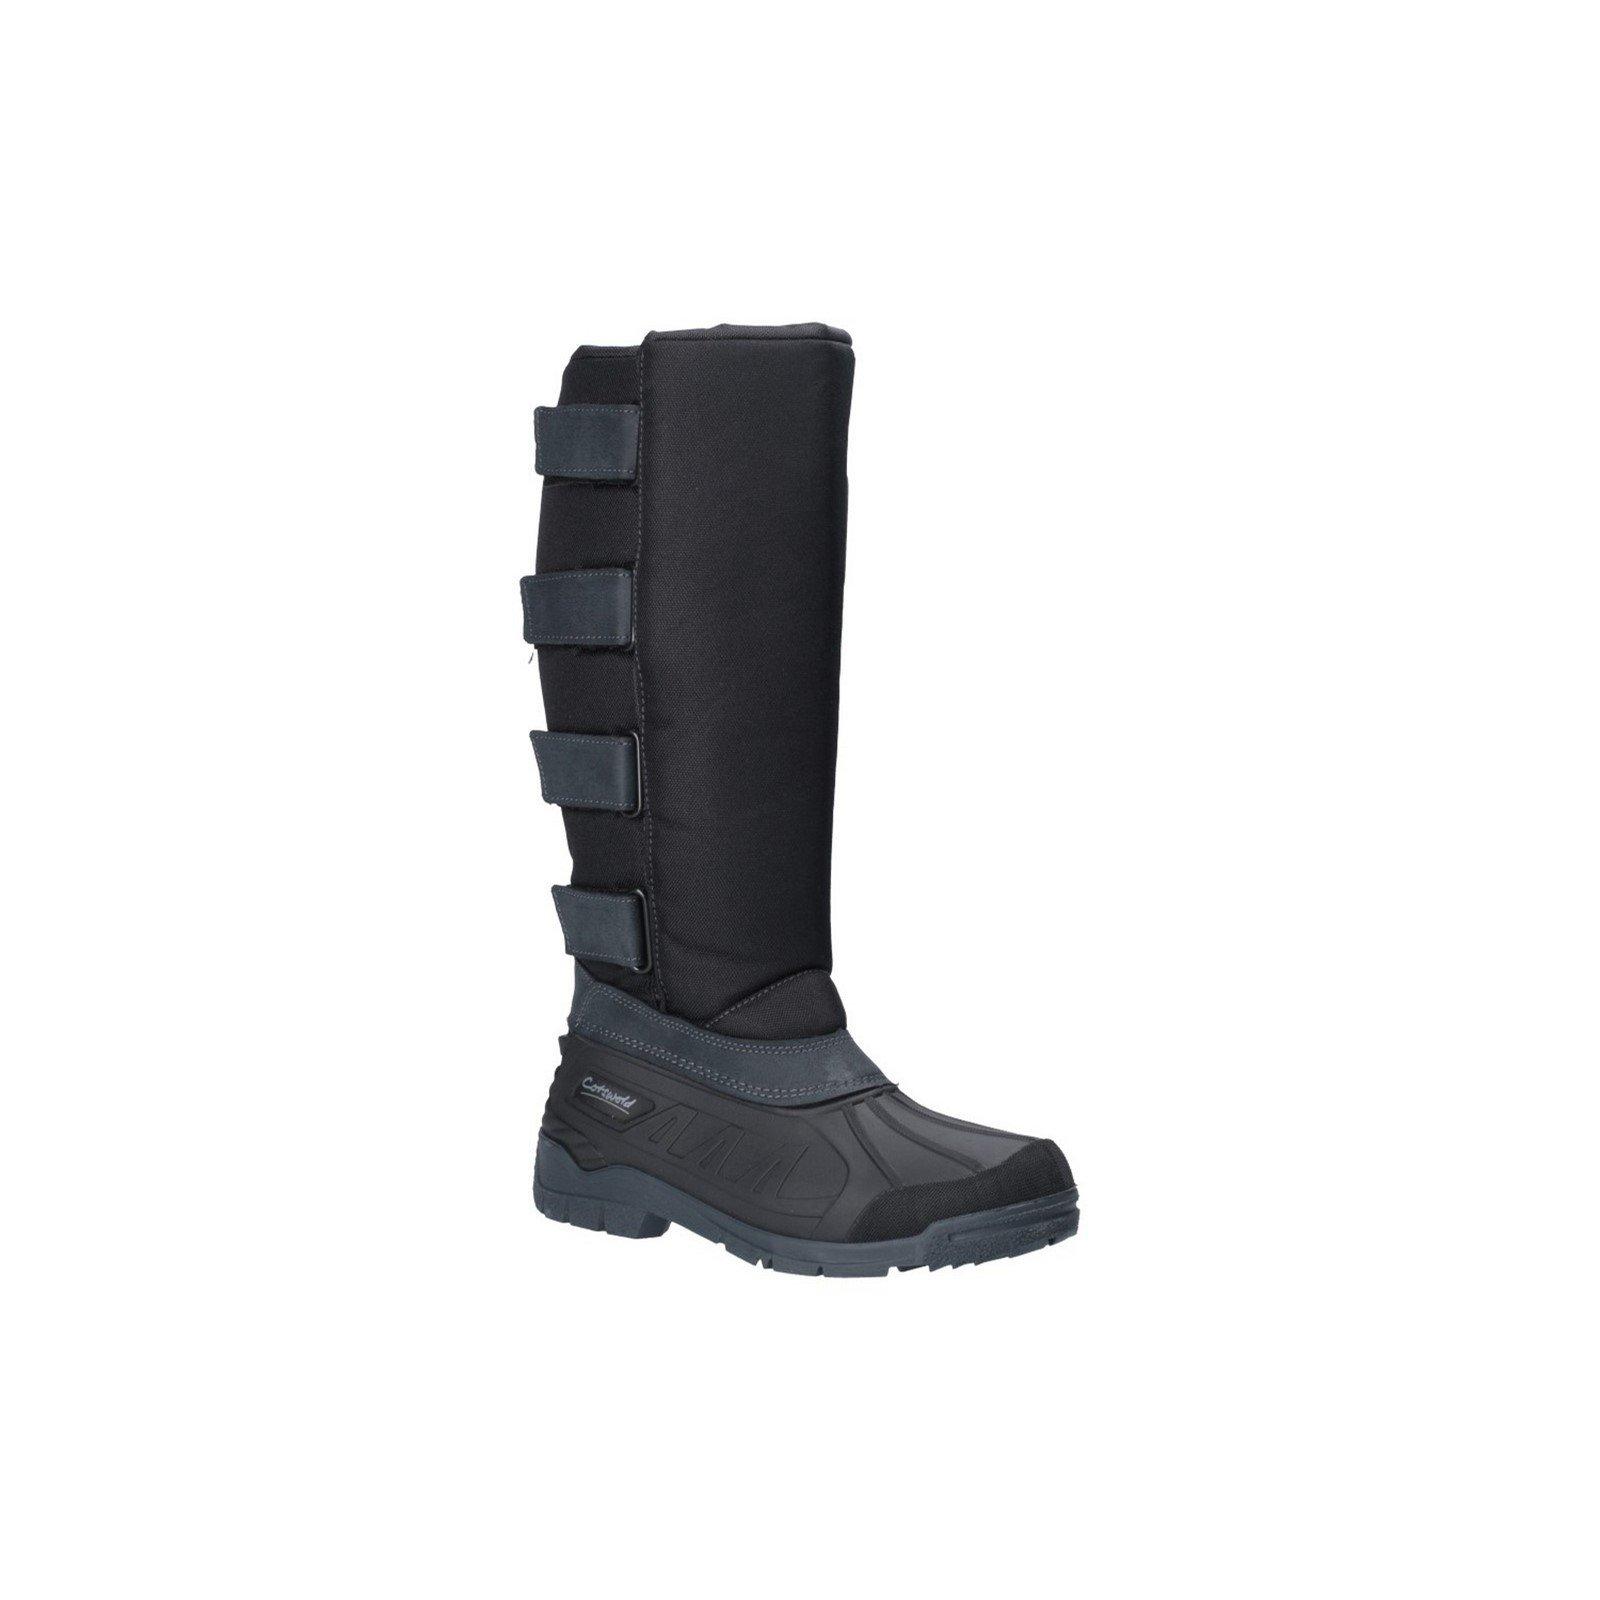 Cotswold Unisex Kemble Short Wellington Boot Black 26170 - Black 10